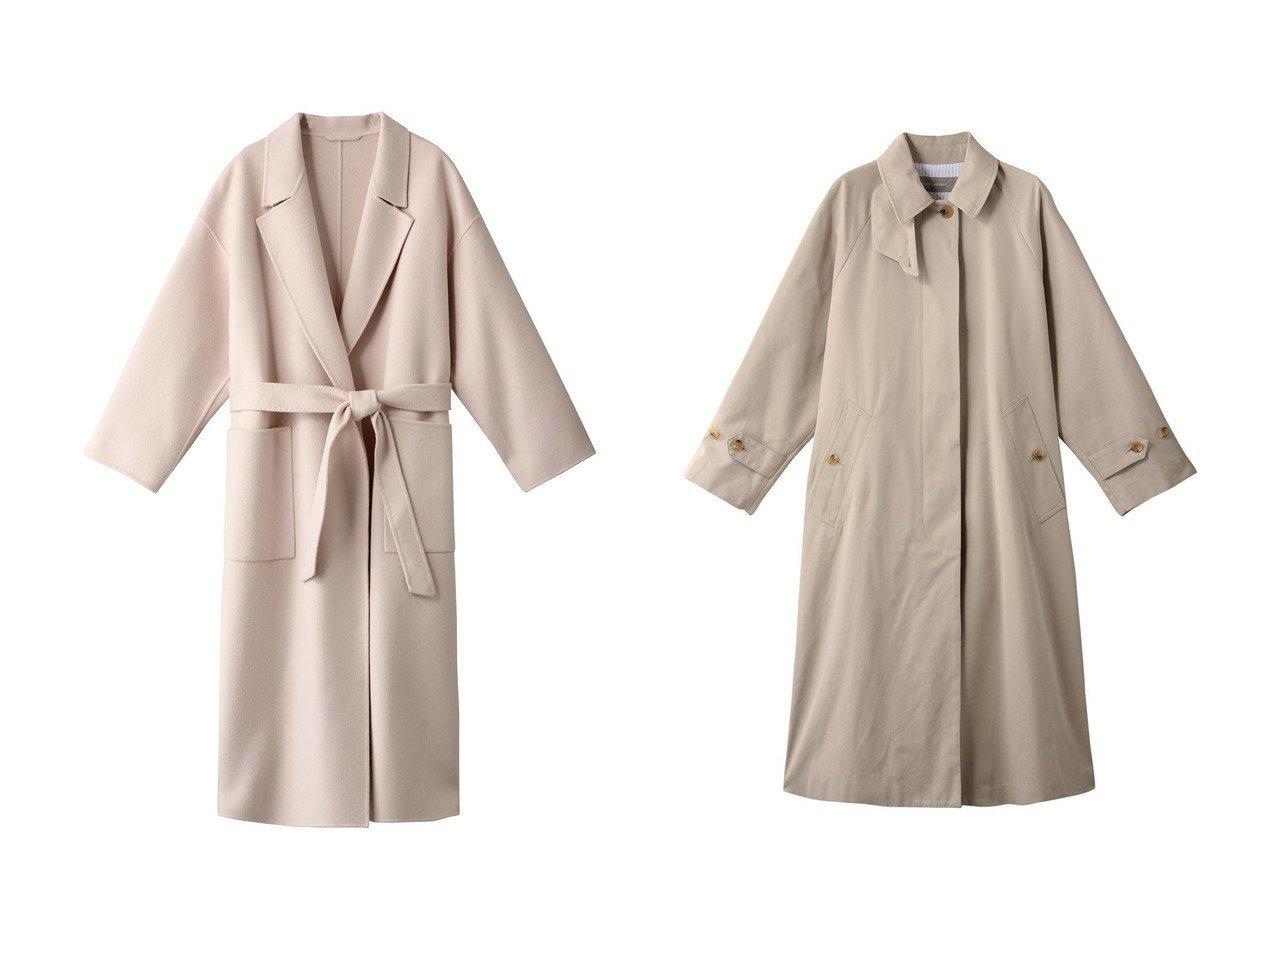 【PLAIN PEOPLE/プレインピープル】の高密度ギャバステンカラーコート&【THIRD MAGAZINE/サードマガジン】のウールリバーコート アウターのおすすめ!人気、レディースファッションの通販 おすすめで人気のファッション通販商品 インテリア・家具・キッズファッション・メンズファッション・レディースファッション・服の通販 founy(ファニー) https://founy.com/ ファッション Fashion レディース WOMEN アウター Coat Outerwear コート Coats なめらか ガウン シンプル ロング |ID:crp329100000002786